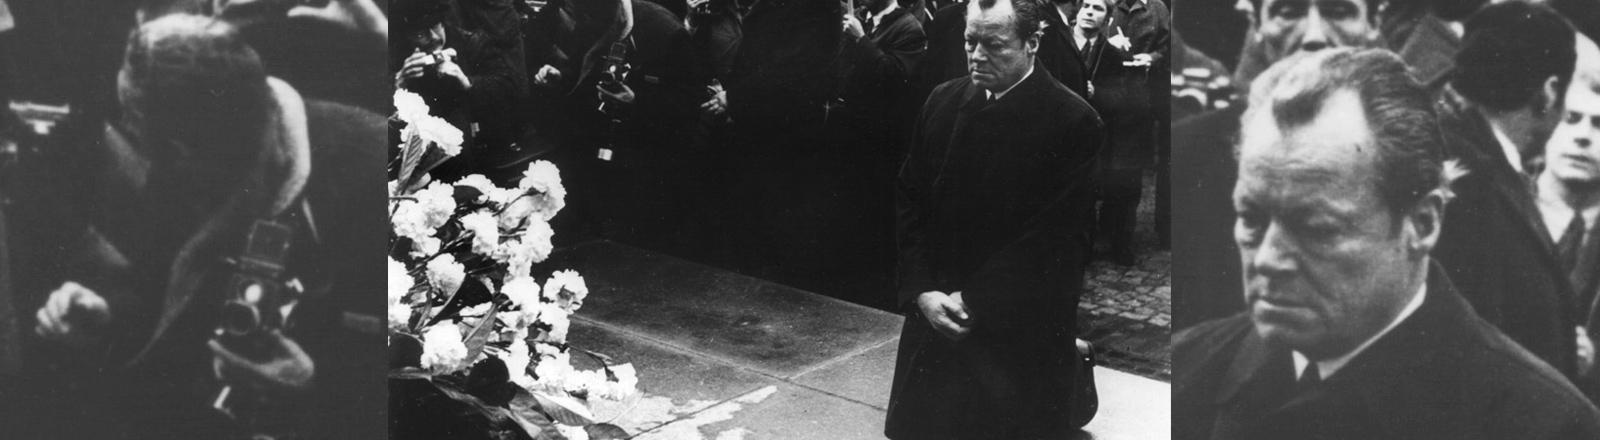 Bundeskanzler Willy Brandt kniet am 7. Dezember 1970 vor dem Warschauer Ehrenmal, das den Helden des Ghetto-Aufstandes vom April 1943 gewidmet ist. Mit dieser Geste legte Brandt den Grundstein für die deutsch-polnische Aussöhnung.